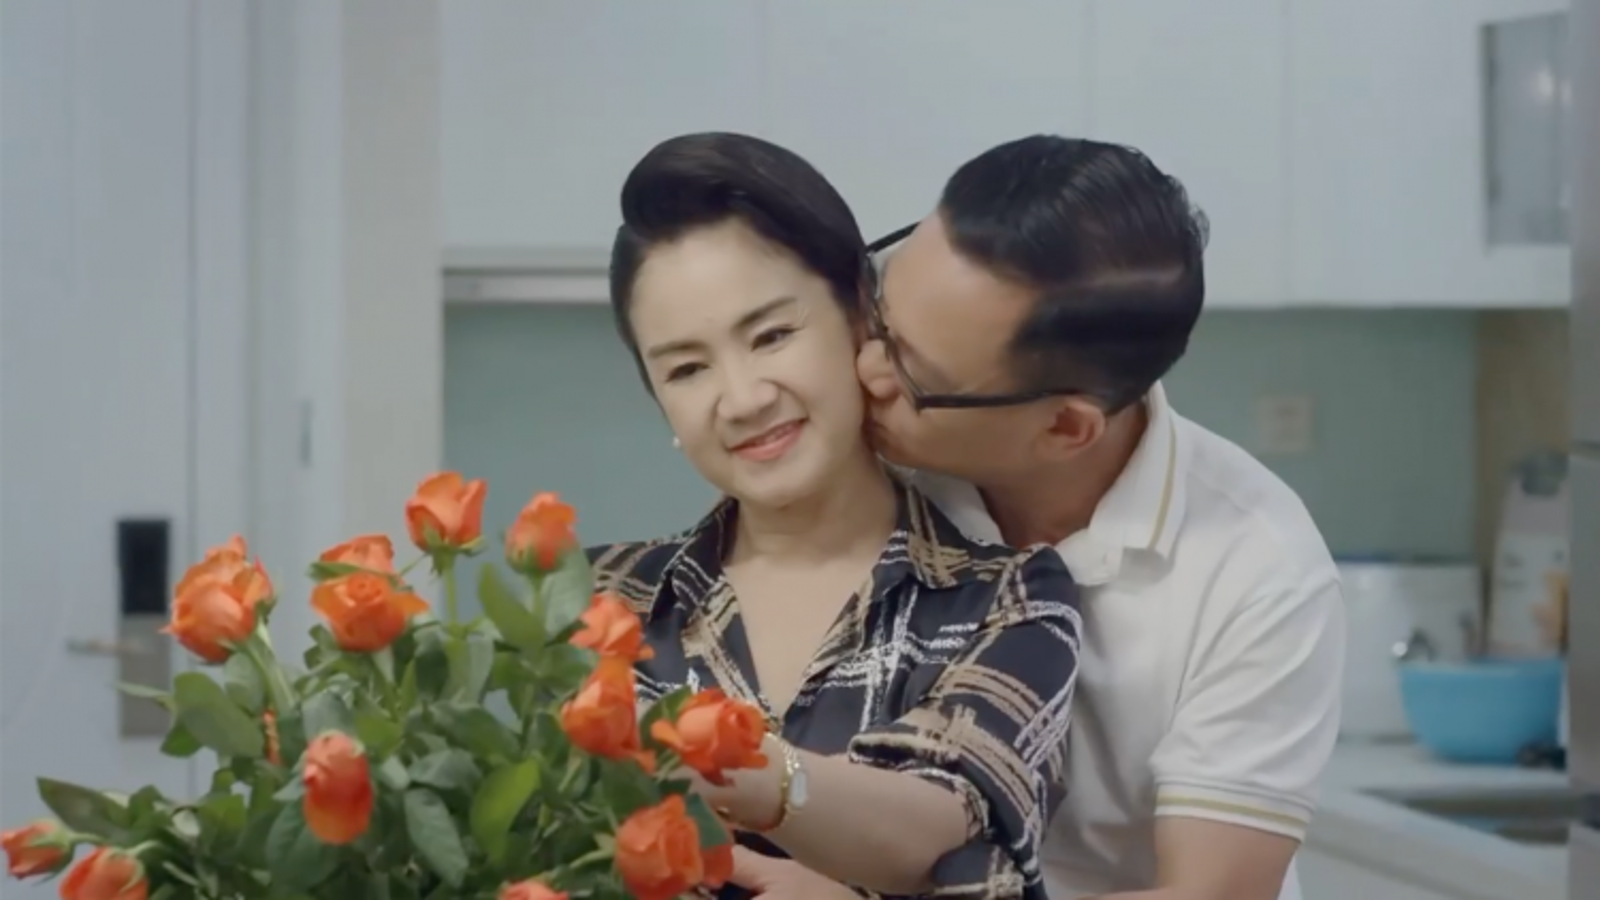 """Phim truyền hình Việt vẫn nan giải về kịch bản: """"Thiếu bột sao gột nên hồ""""?"""